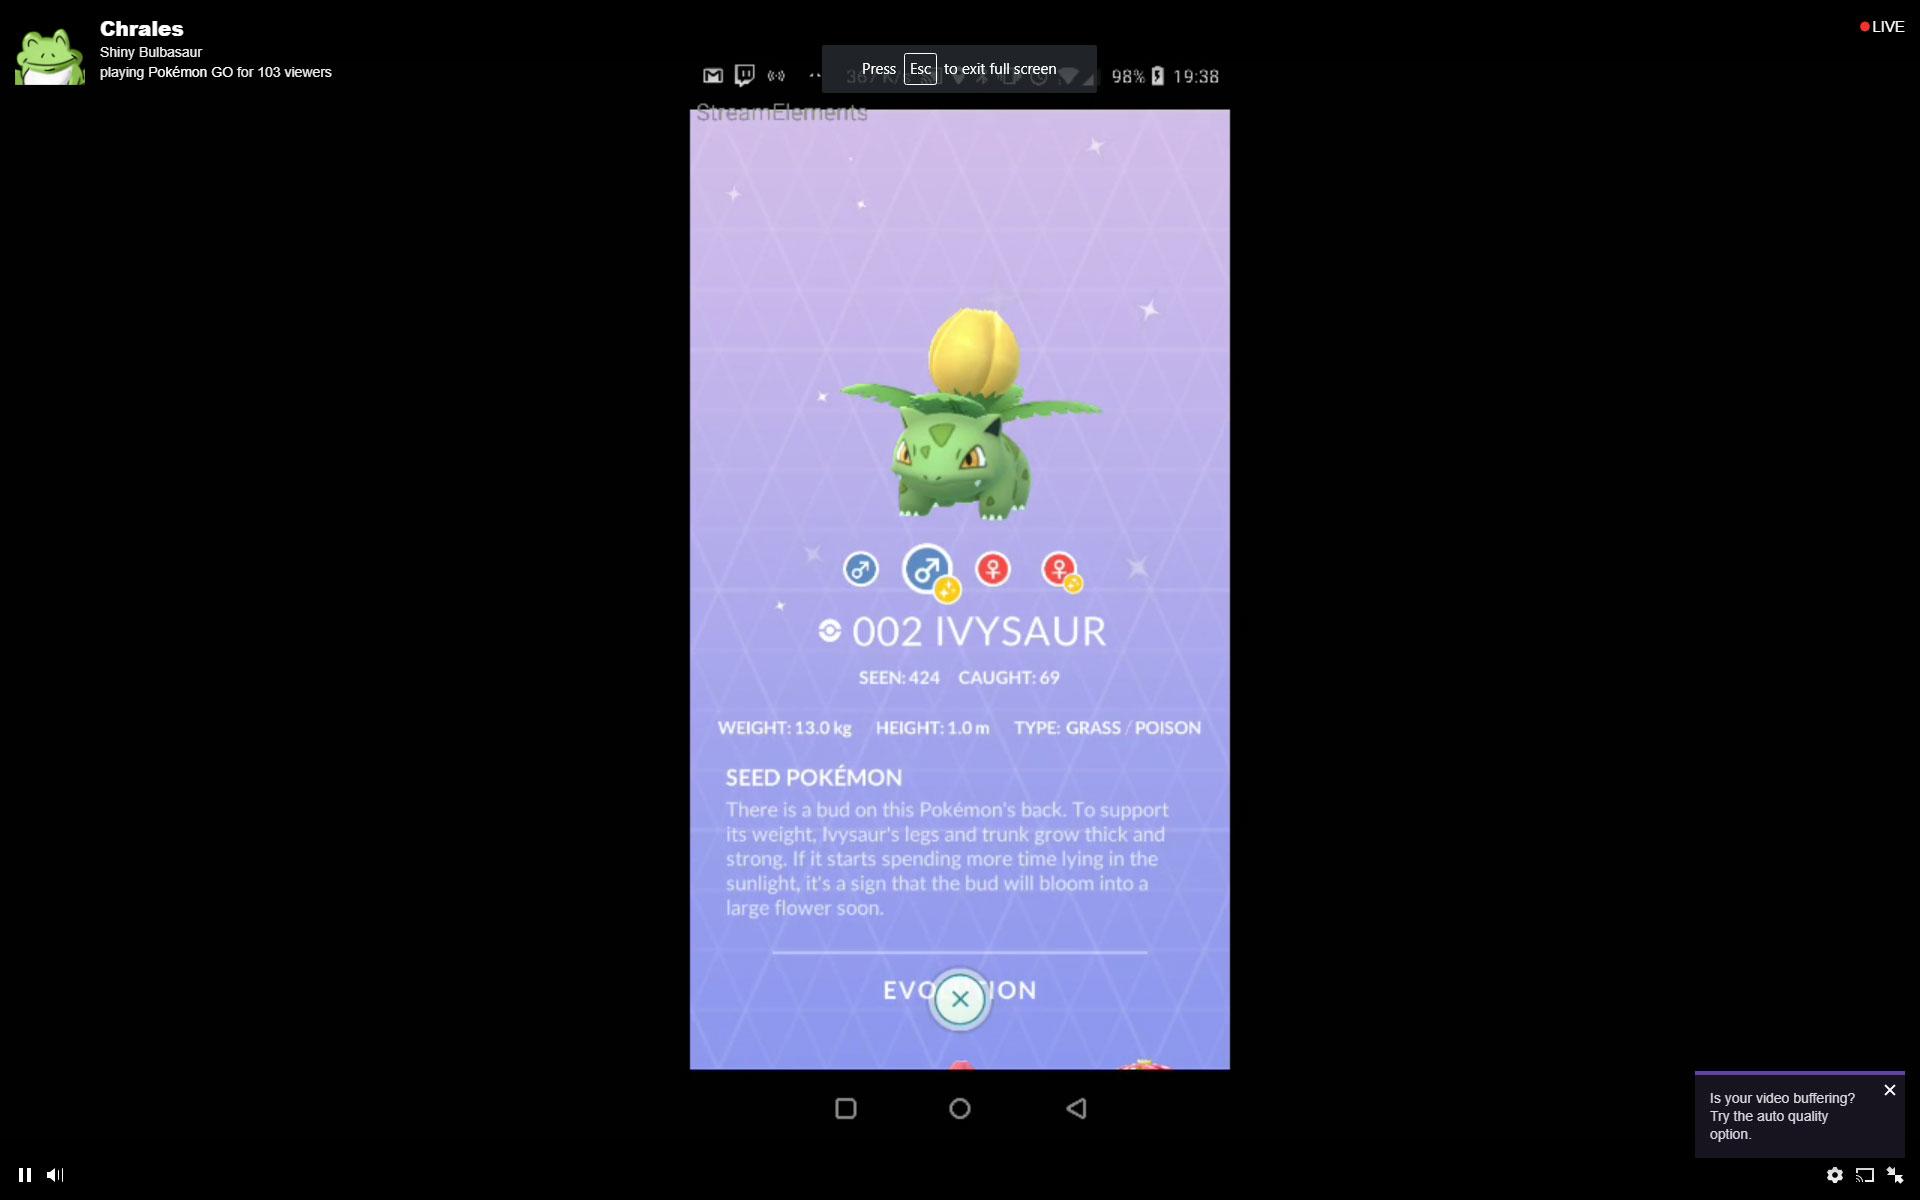 Shiny Ivysaur Pokemon GO